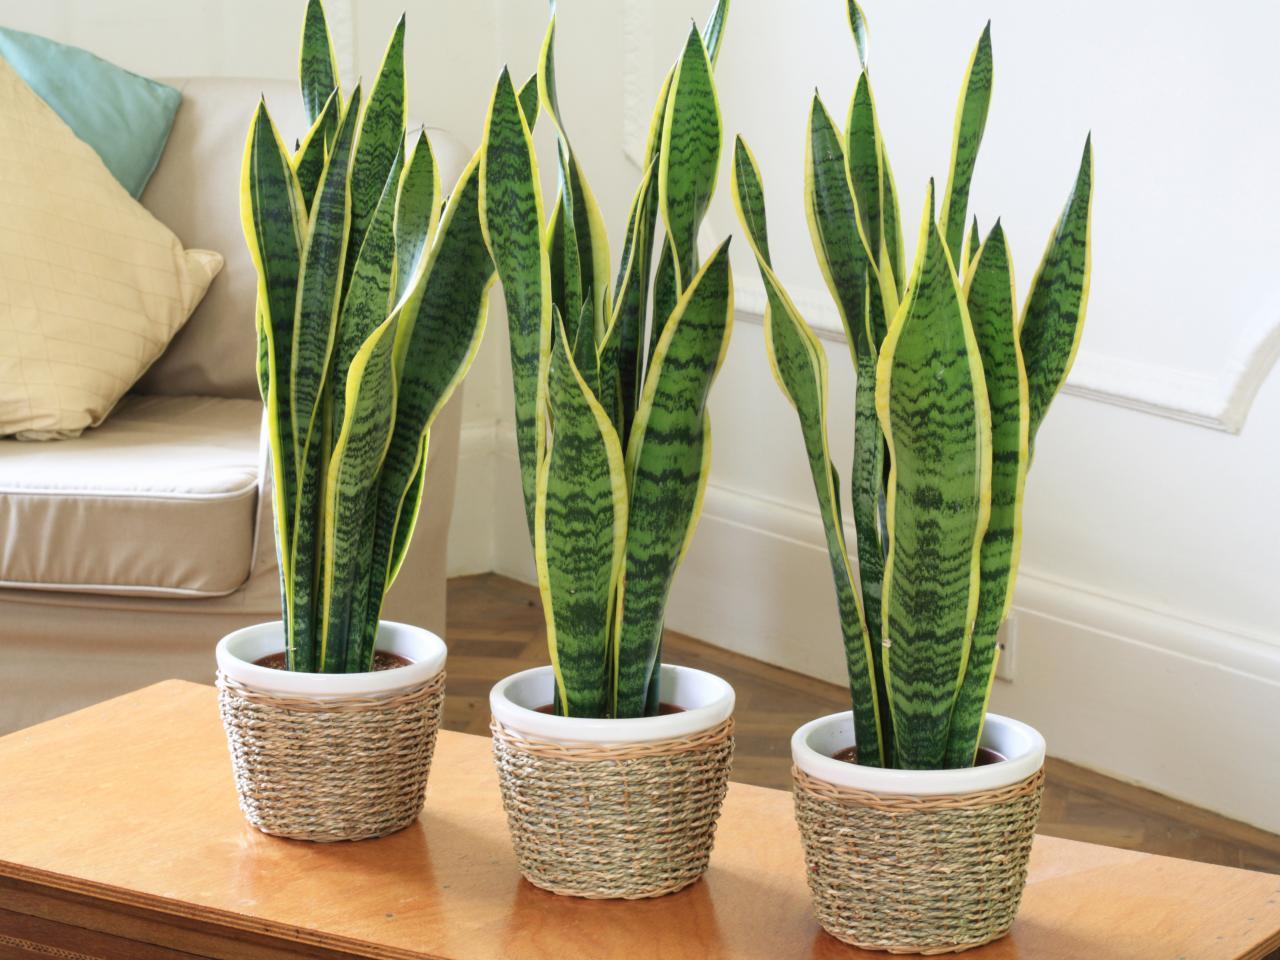 Дышать станет легче: кислородные растения, которые должны быть в доме - фото №5